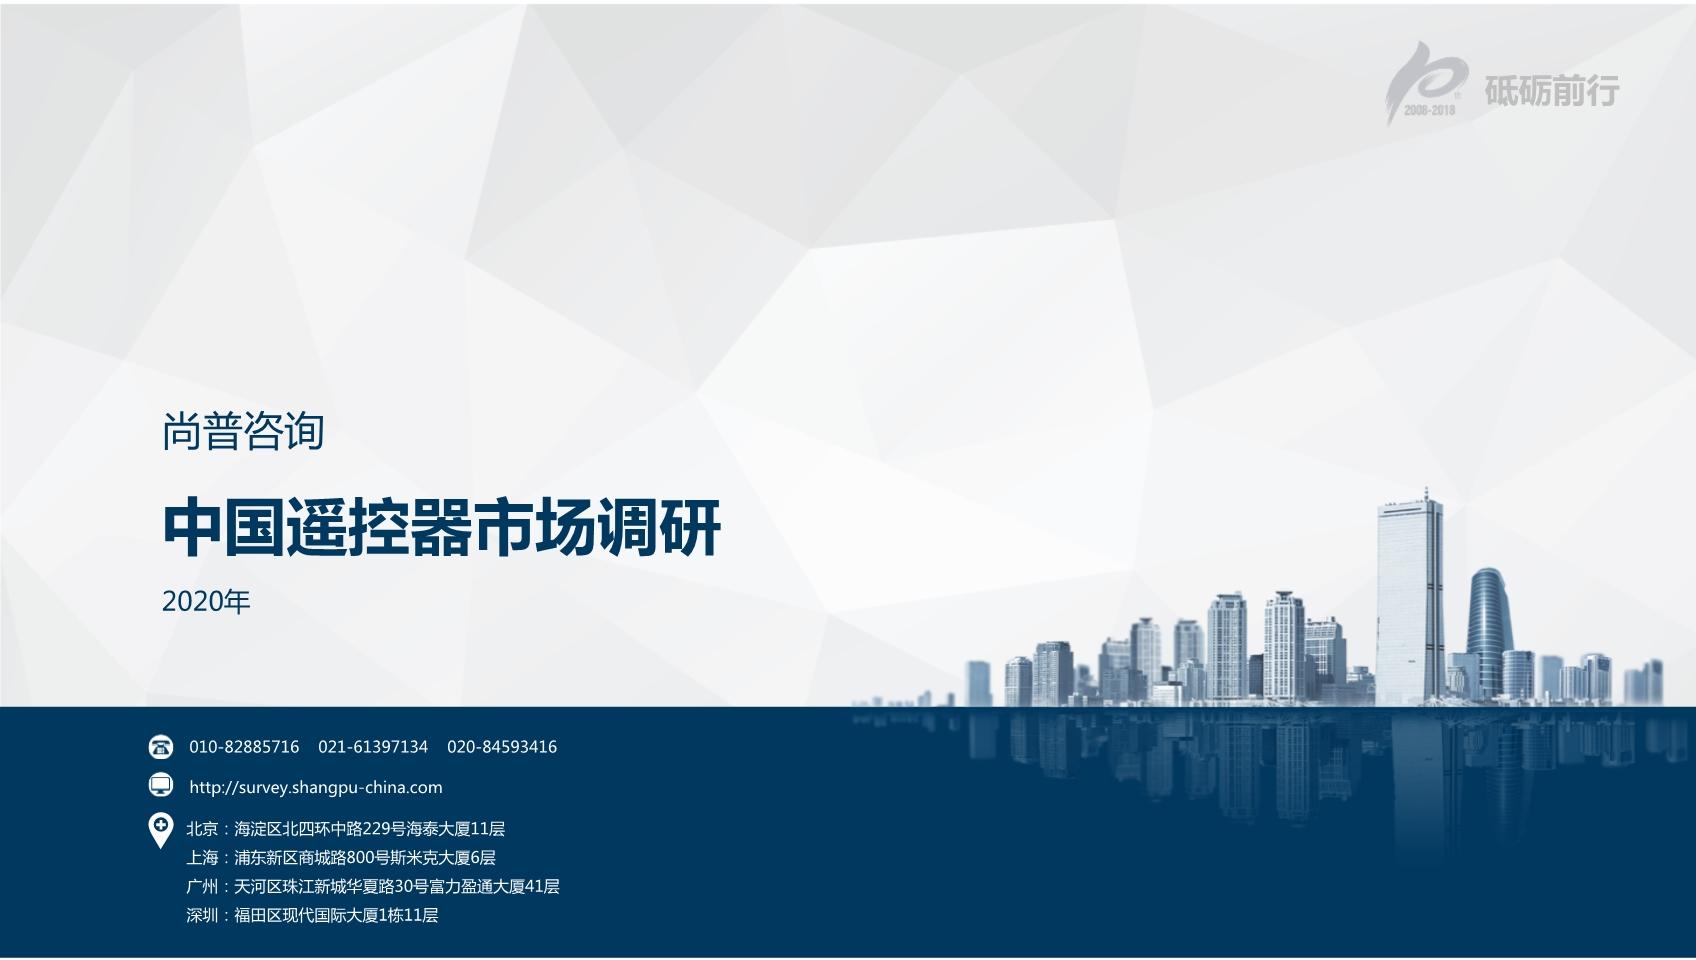 尚普咨询:2020年中国遥控器市场调研